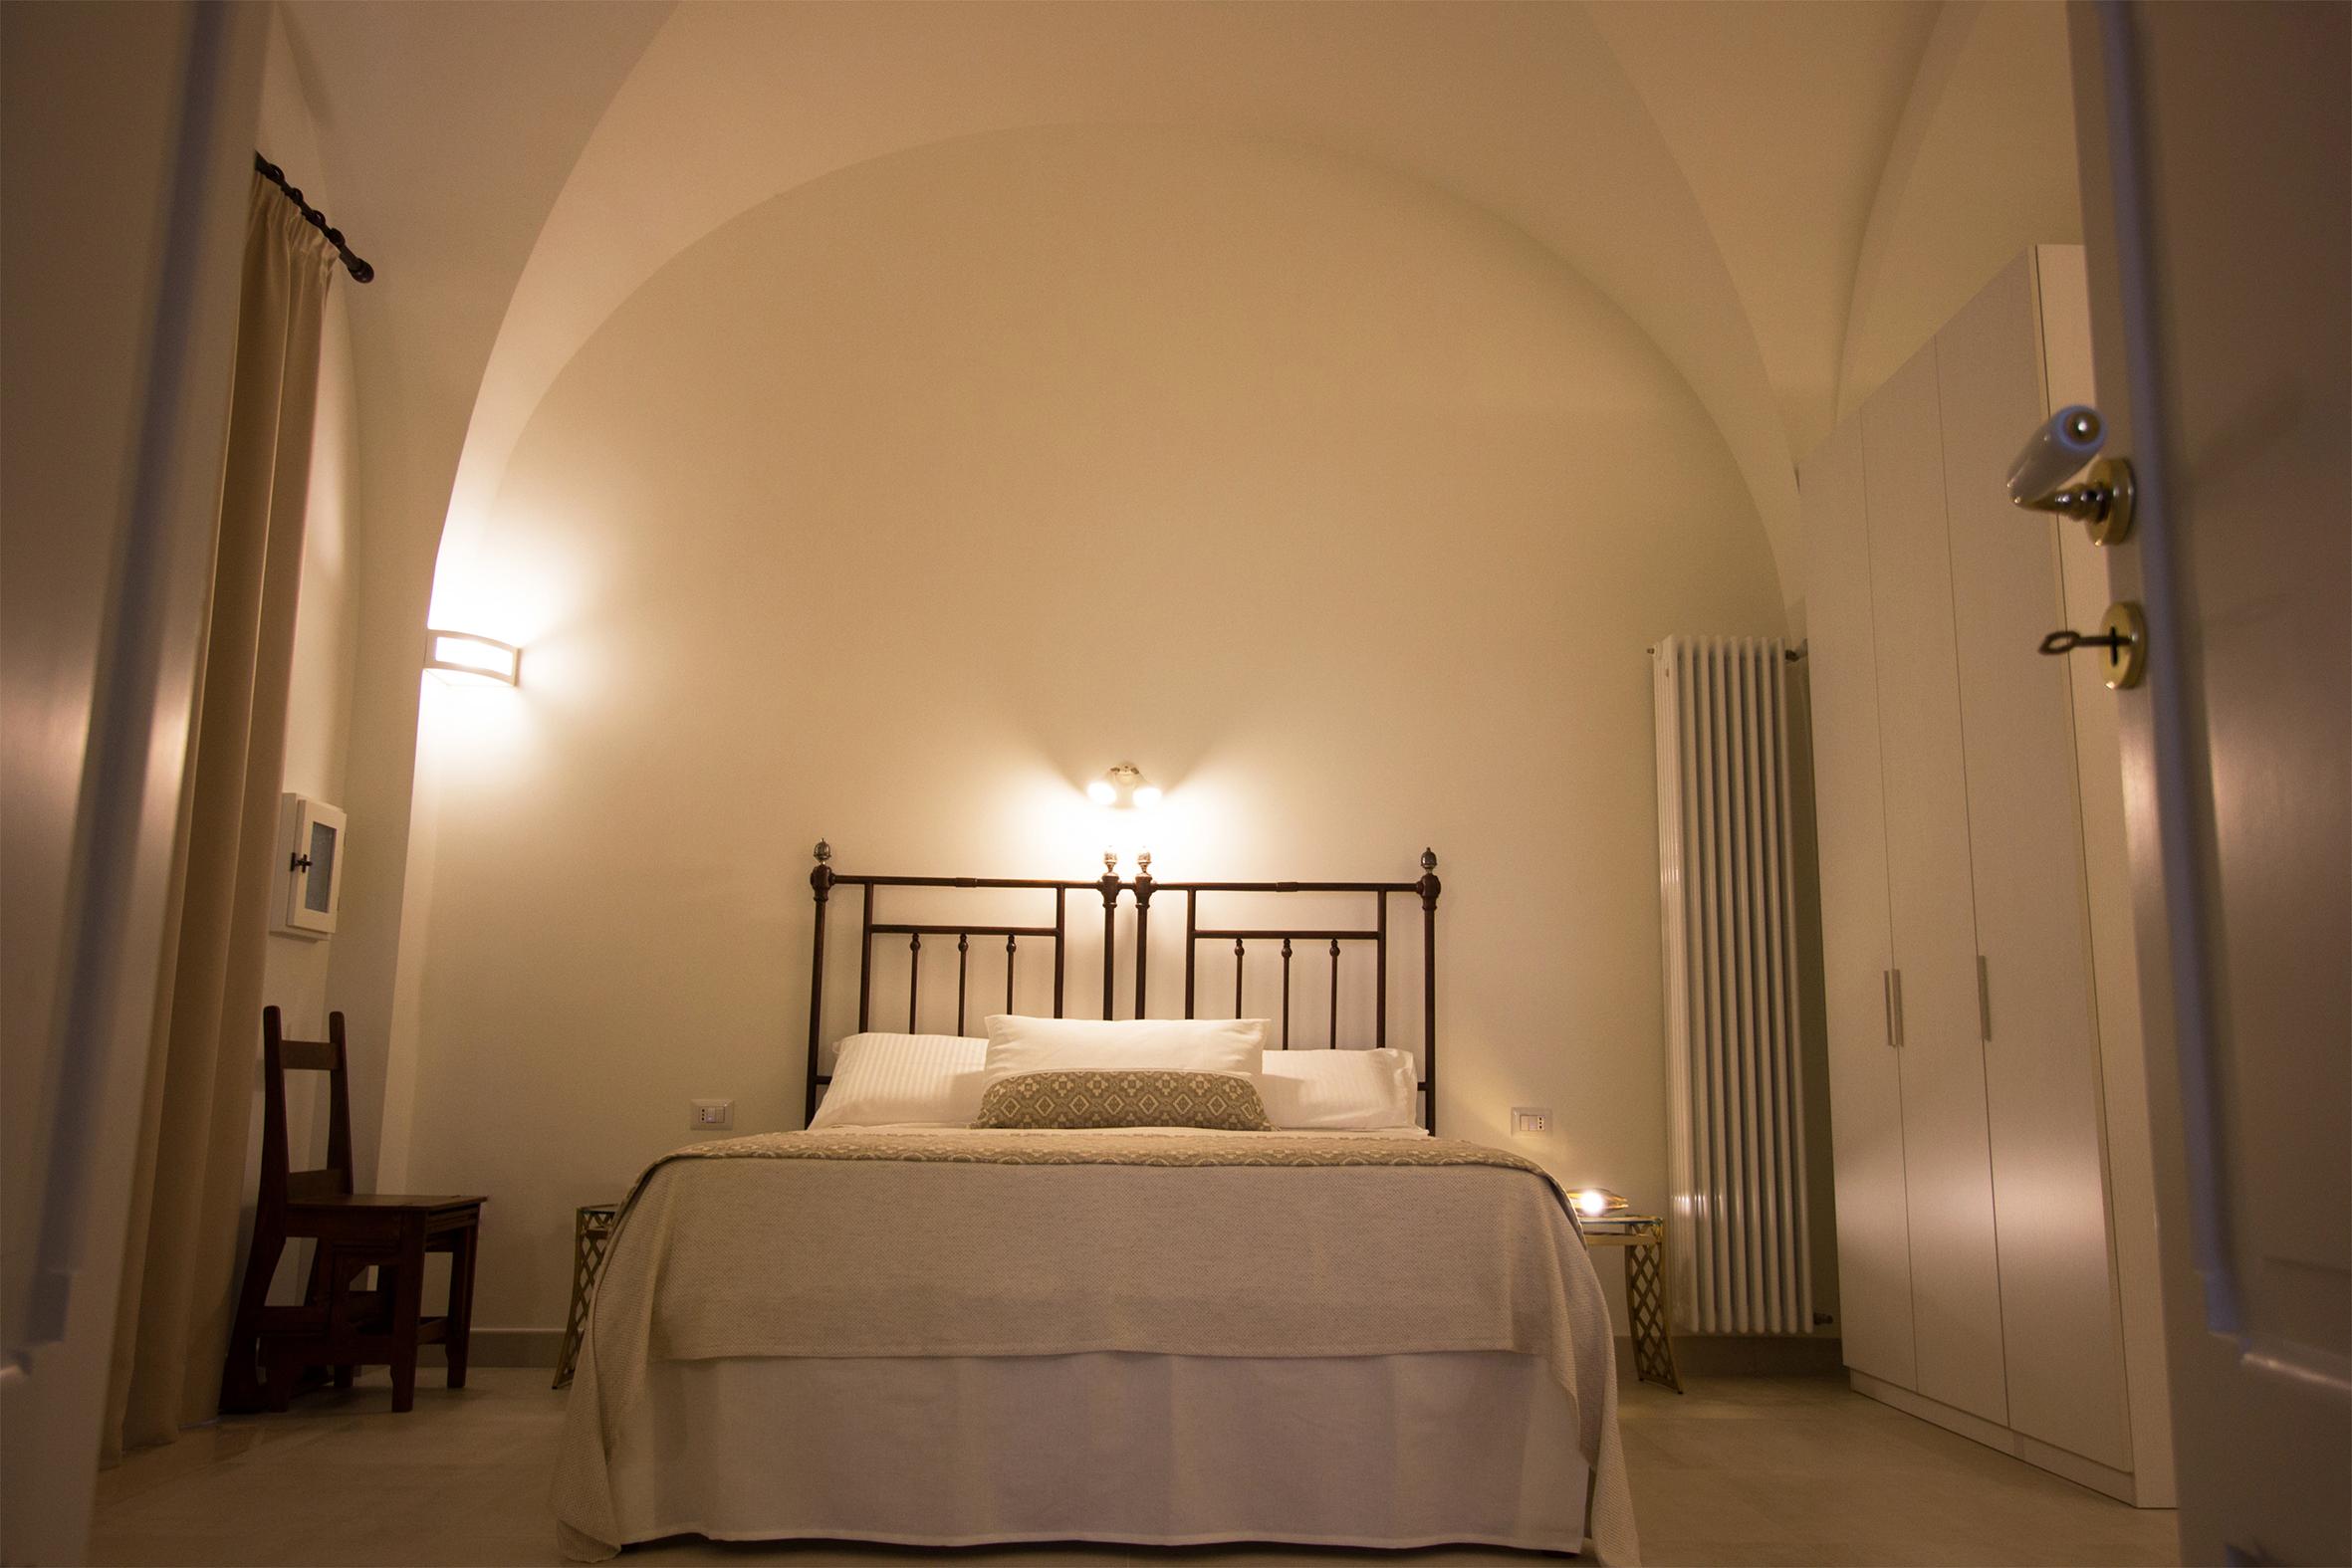 Camere Da Letto Tradizionali : Camera da letto